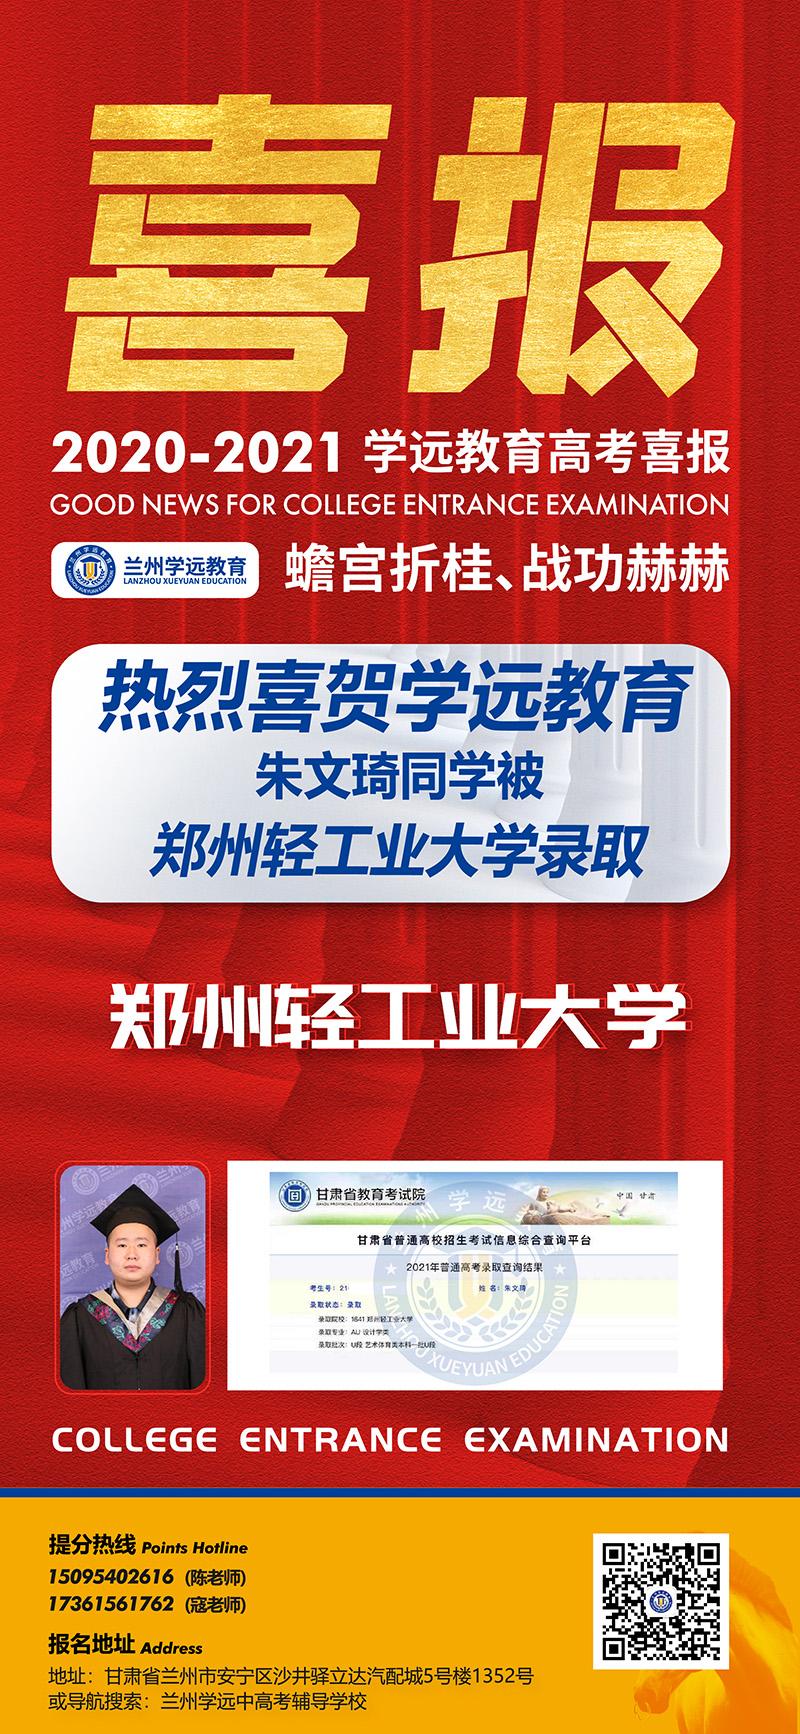 朱文琦同学被郑州轻工业大学录取